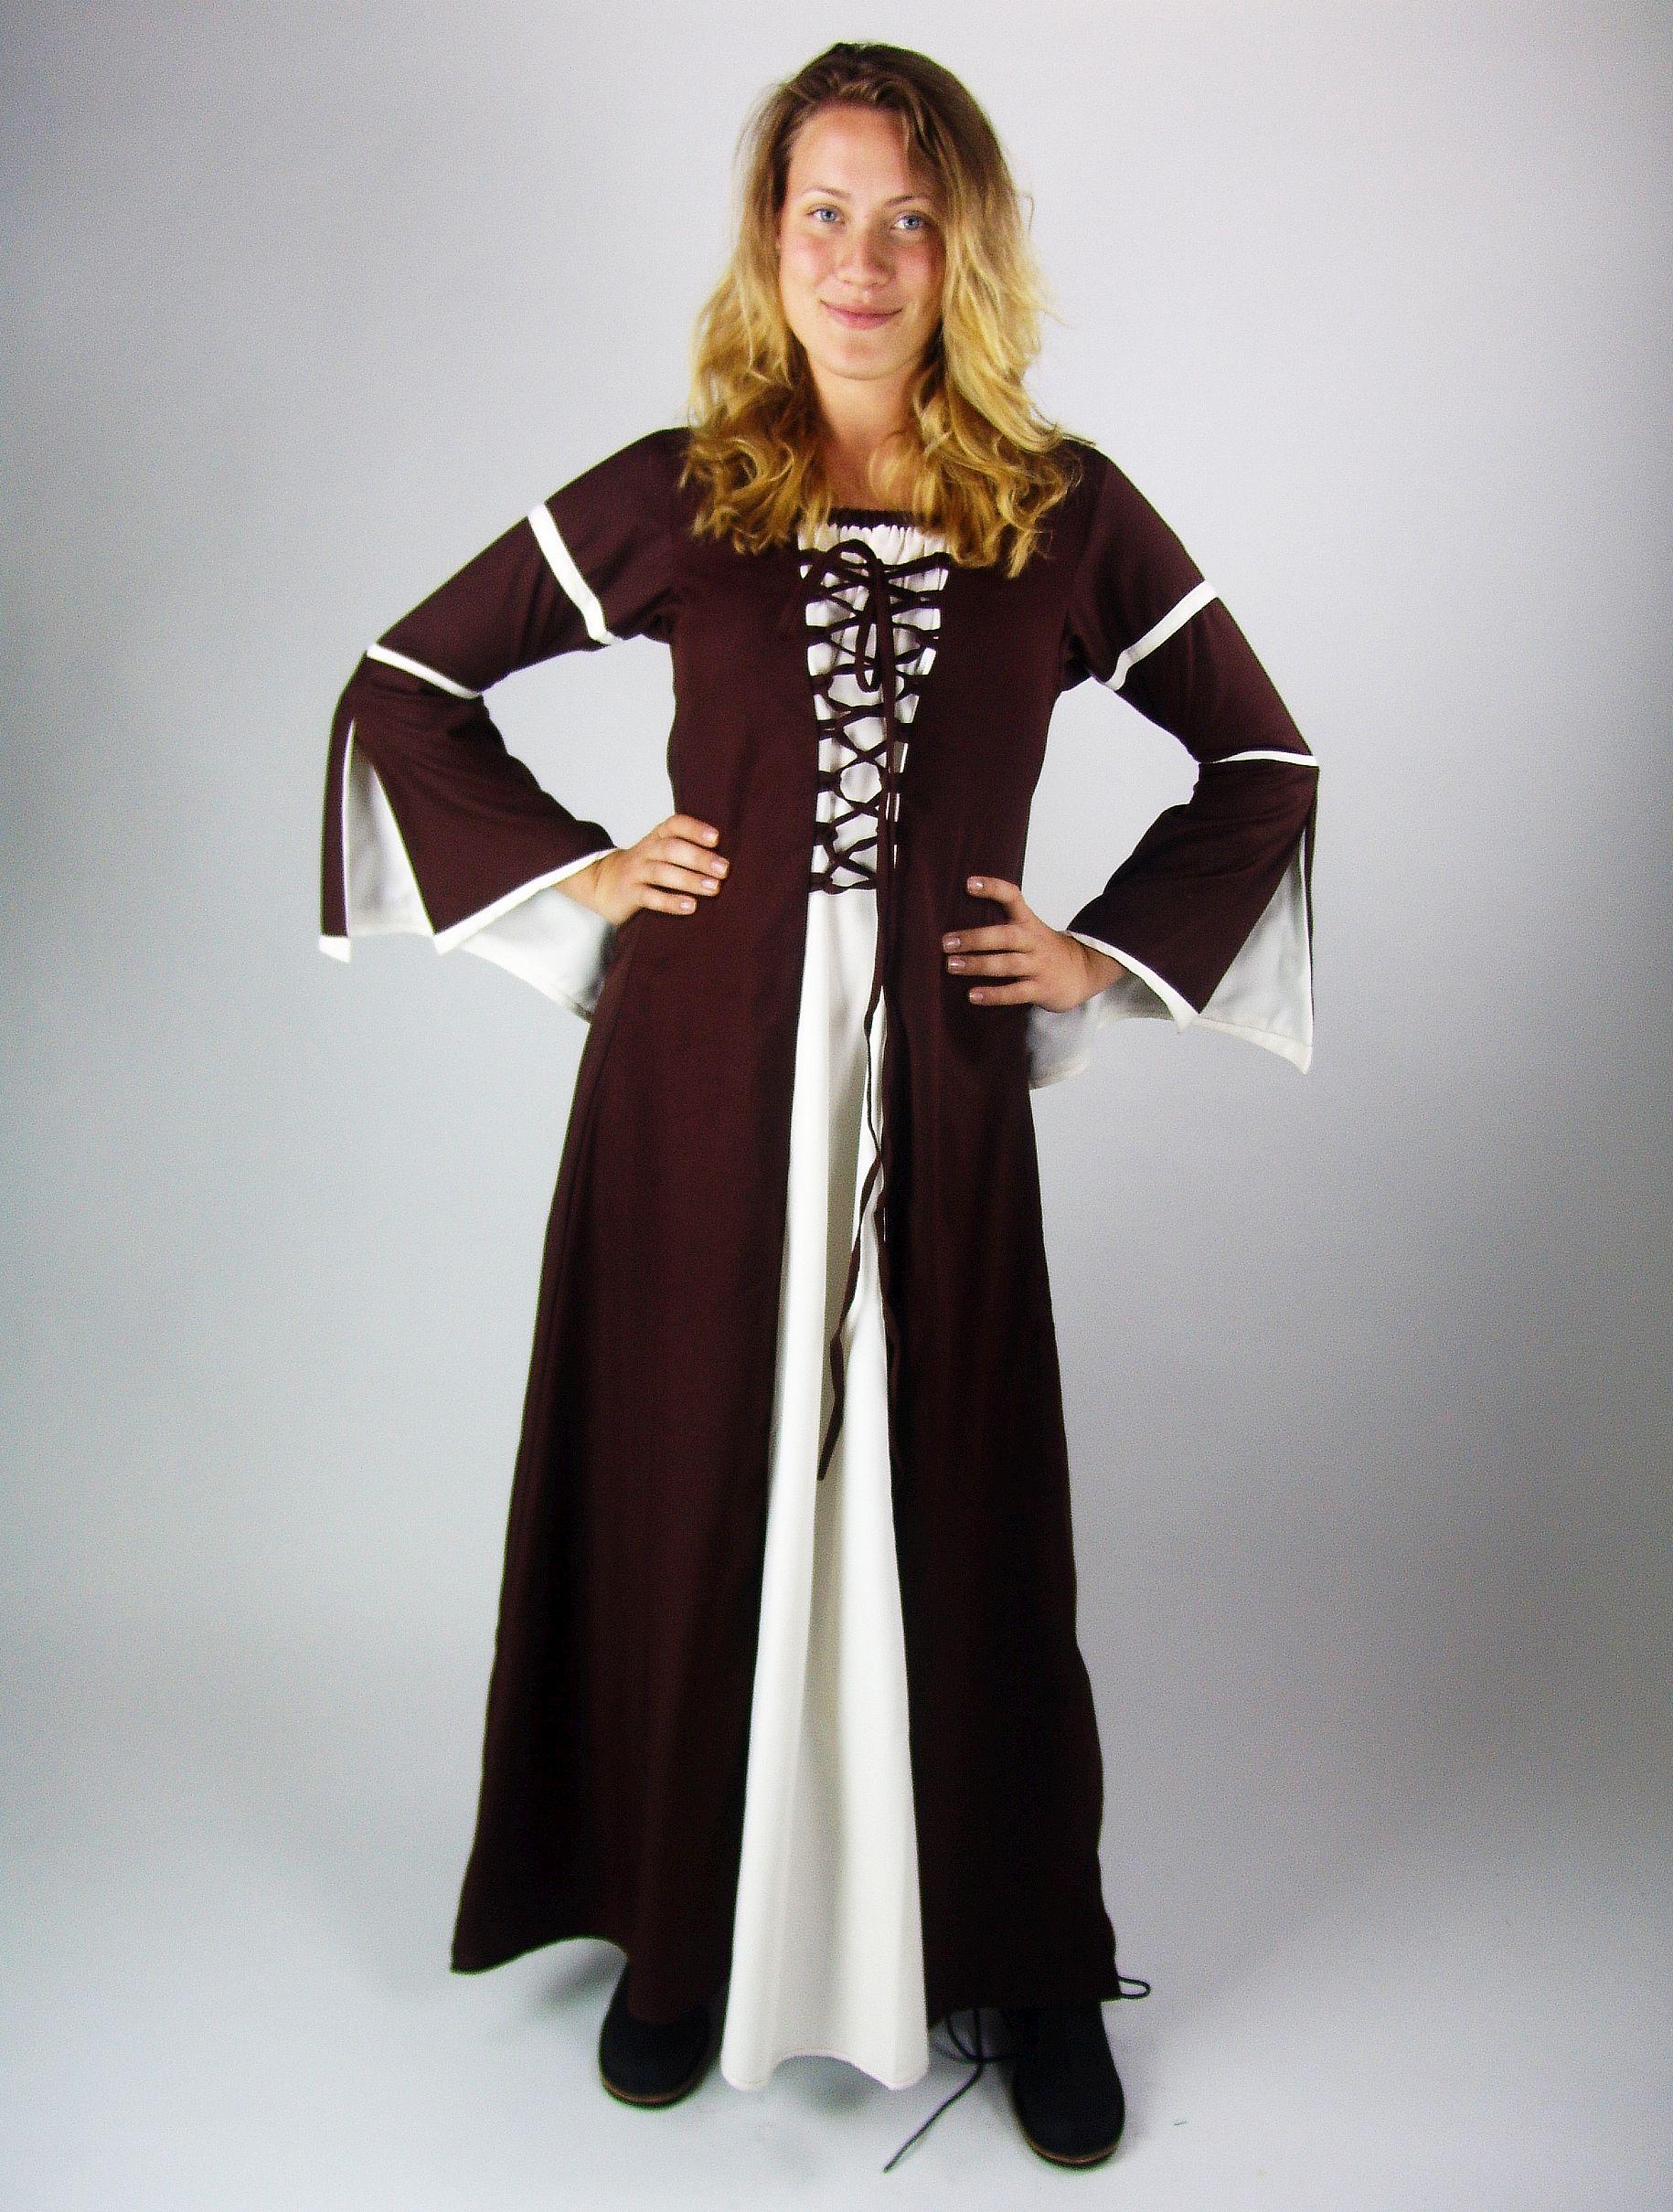 4836 Viskosekleid mit Trompetenärmel - Dodos-Schwester